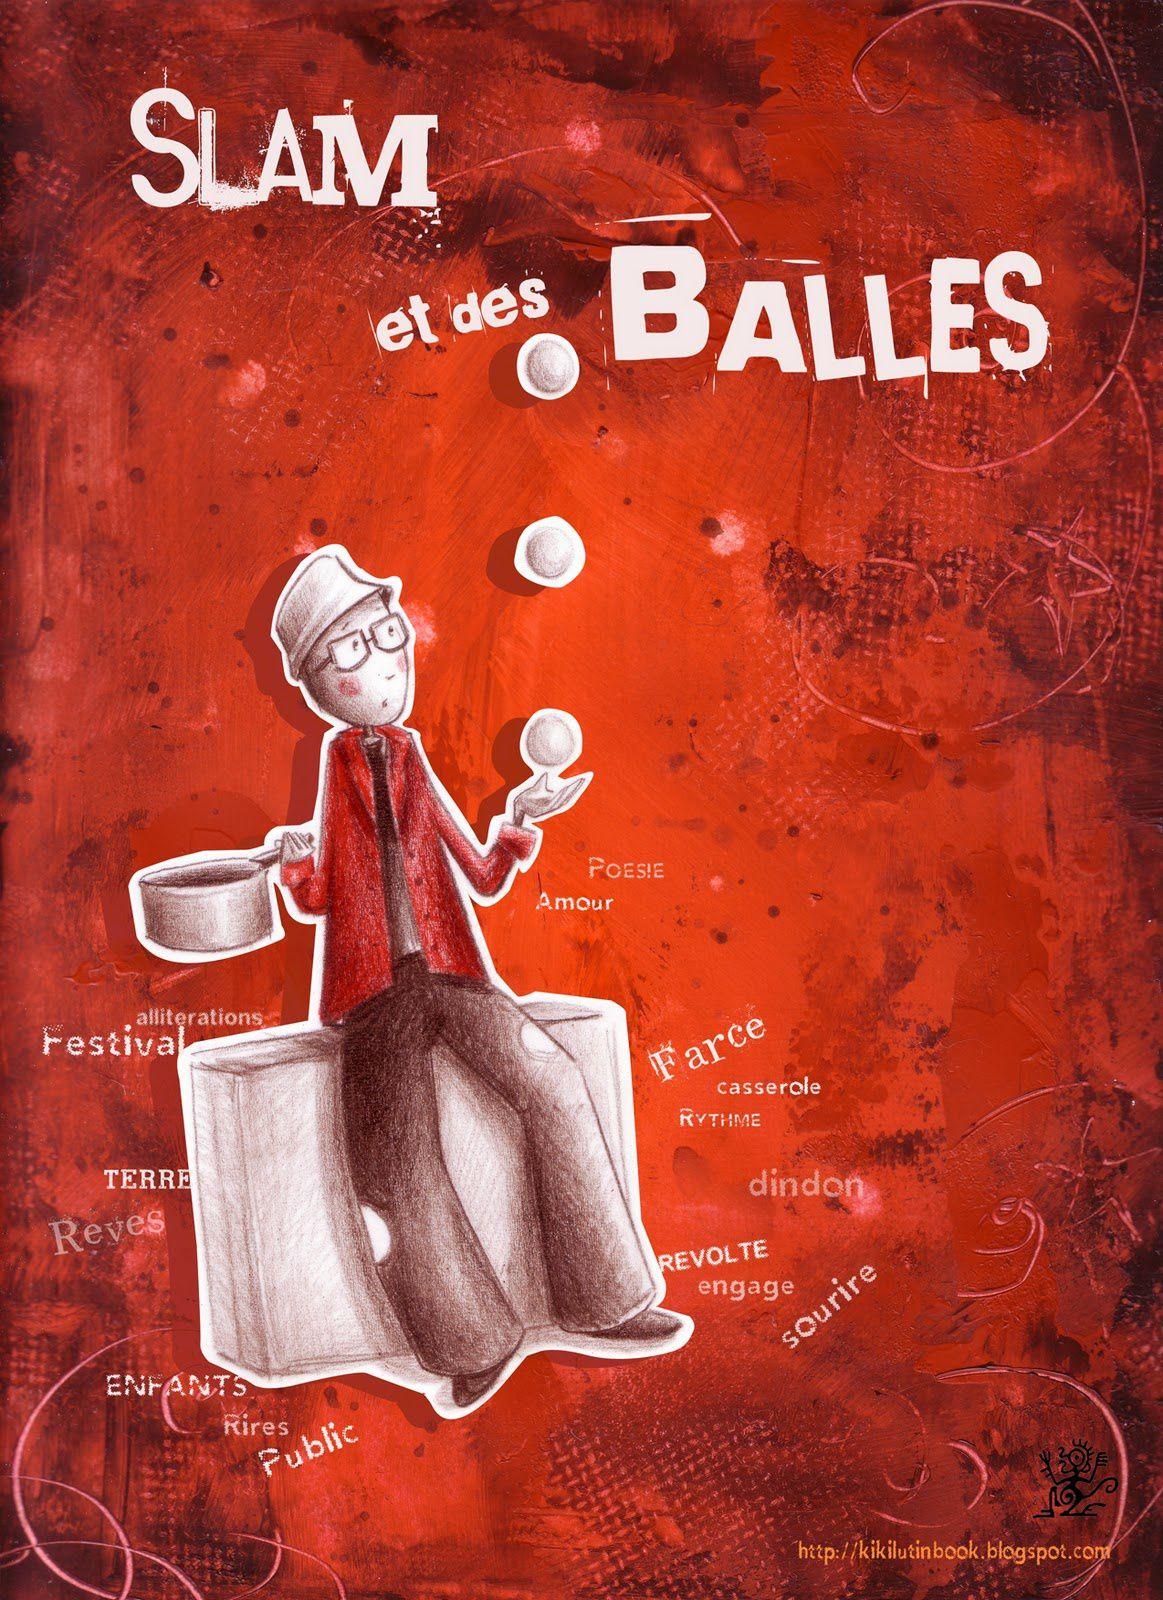 Spectacle gratuit &quot&#x3B;Slam et des Balles&quot&#x3B; à MONTENDRE - Jeudi 30 JUILLET